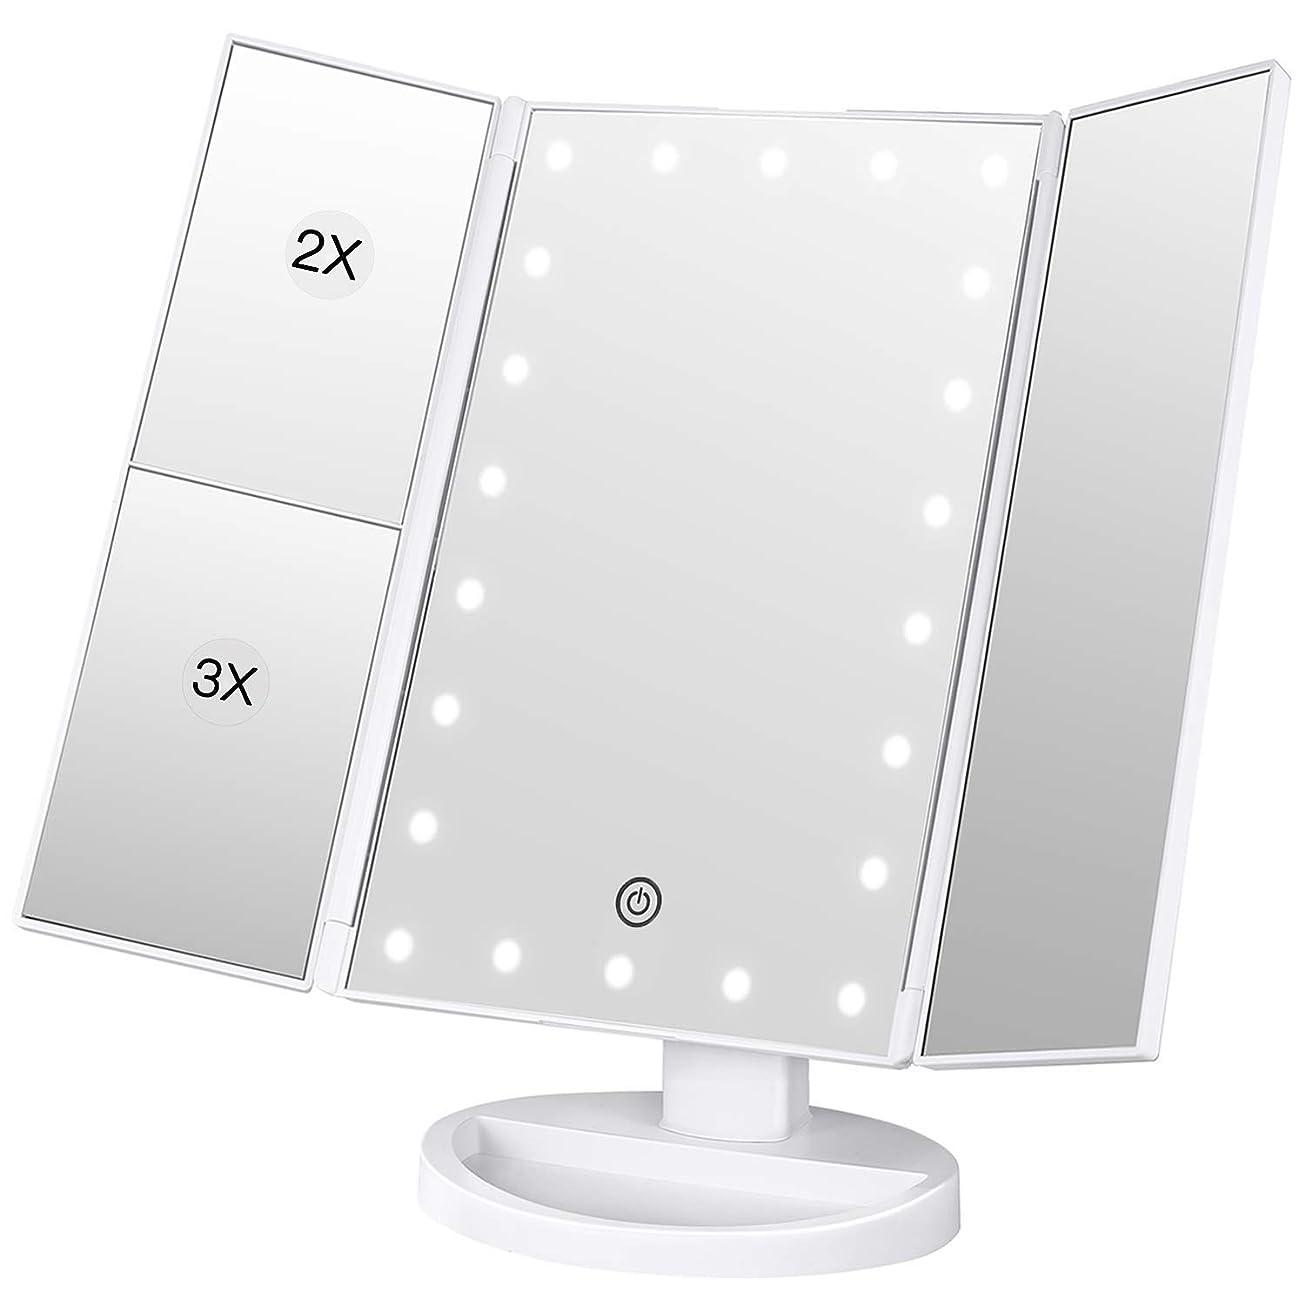 甲虫元気強制的収納ベース付き三面鏡 -化粧鏡 led付き 卓上鏡 折りたたみ 拡大鏡 2倍 3倍 明るさ調節可能 180°回転 電池&USB 2WAY給電 (ホワイト)